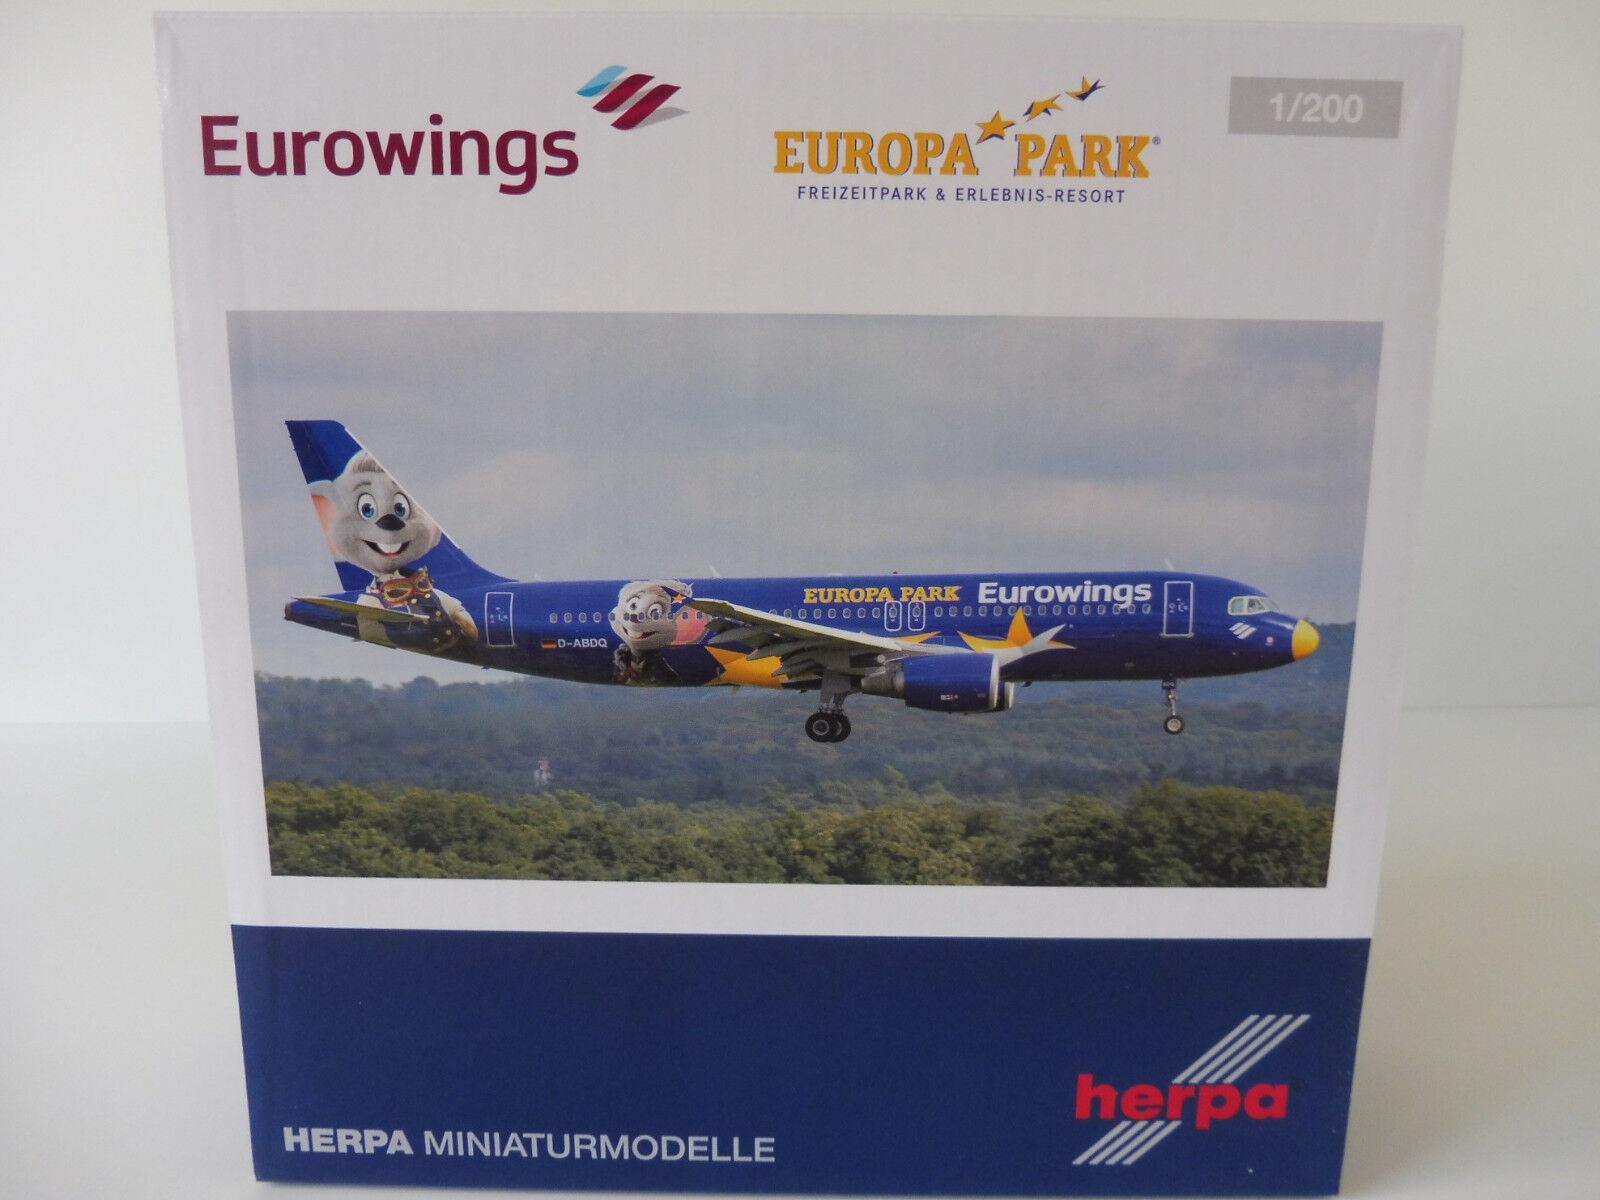 Eurowings Europa Park Rust airbus a320 1 200 Herpa 558808 558808 558808 a 320 D-abdq ed Edda a87854